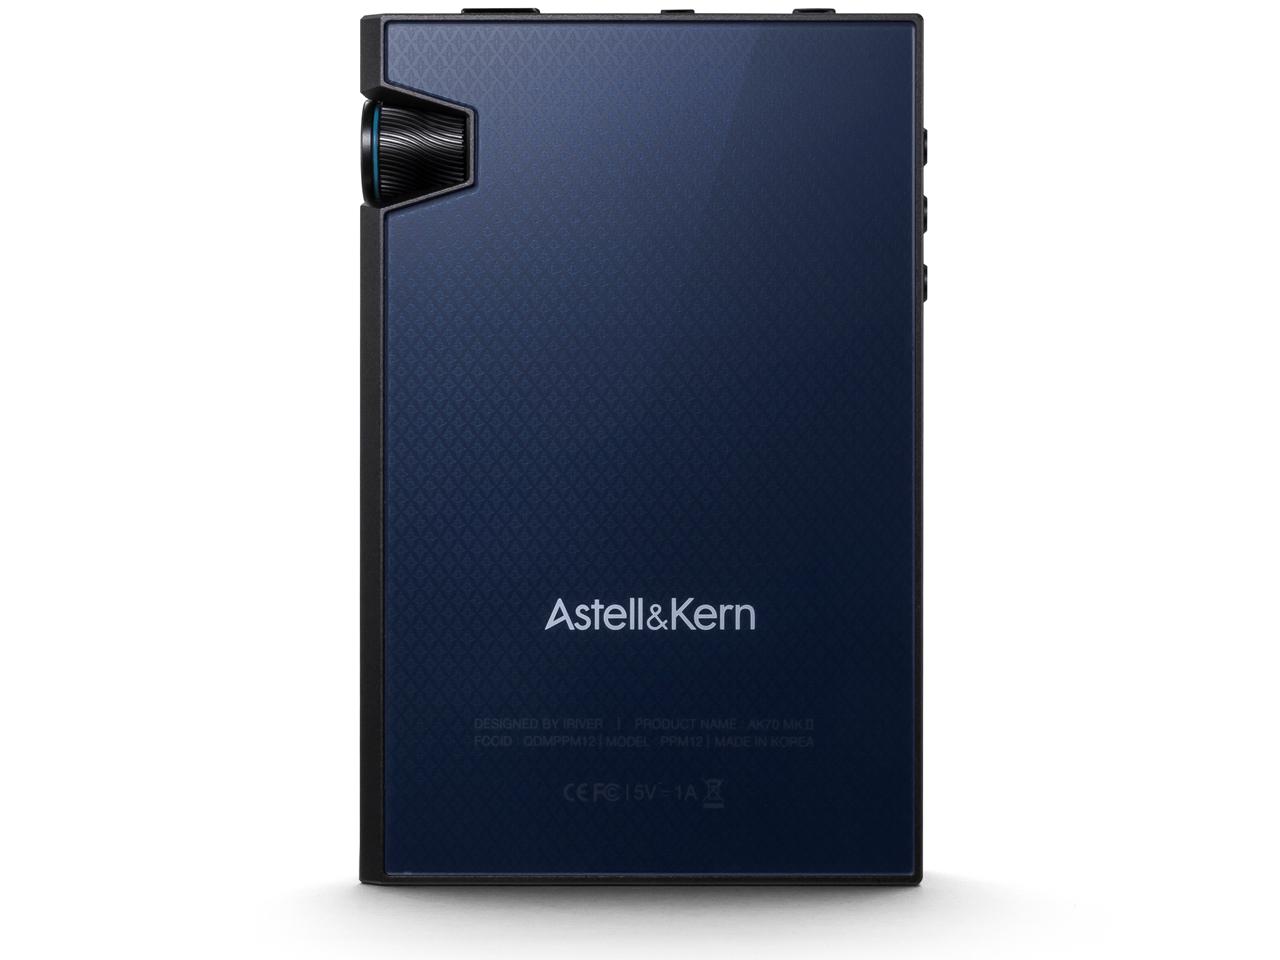 『本体 背面1』 Astell&Kern AK70 MKII AK70MKII-NB [64GB Noir Black] の製品画像